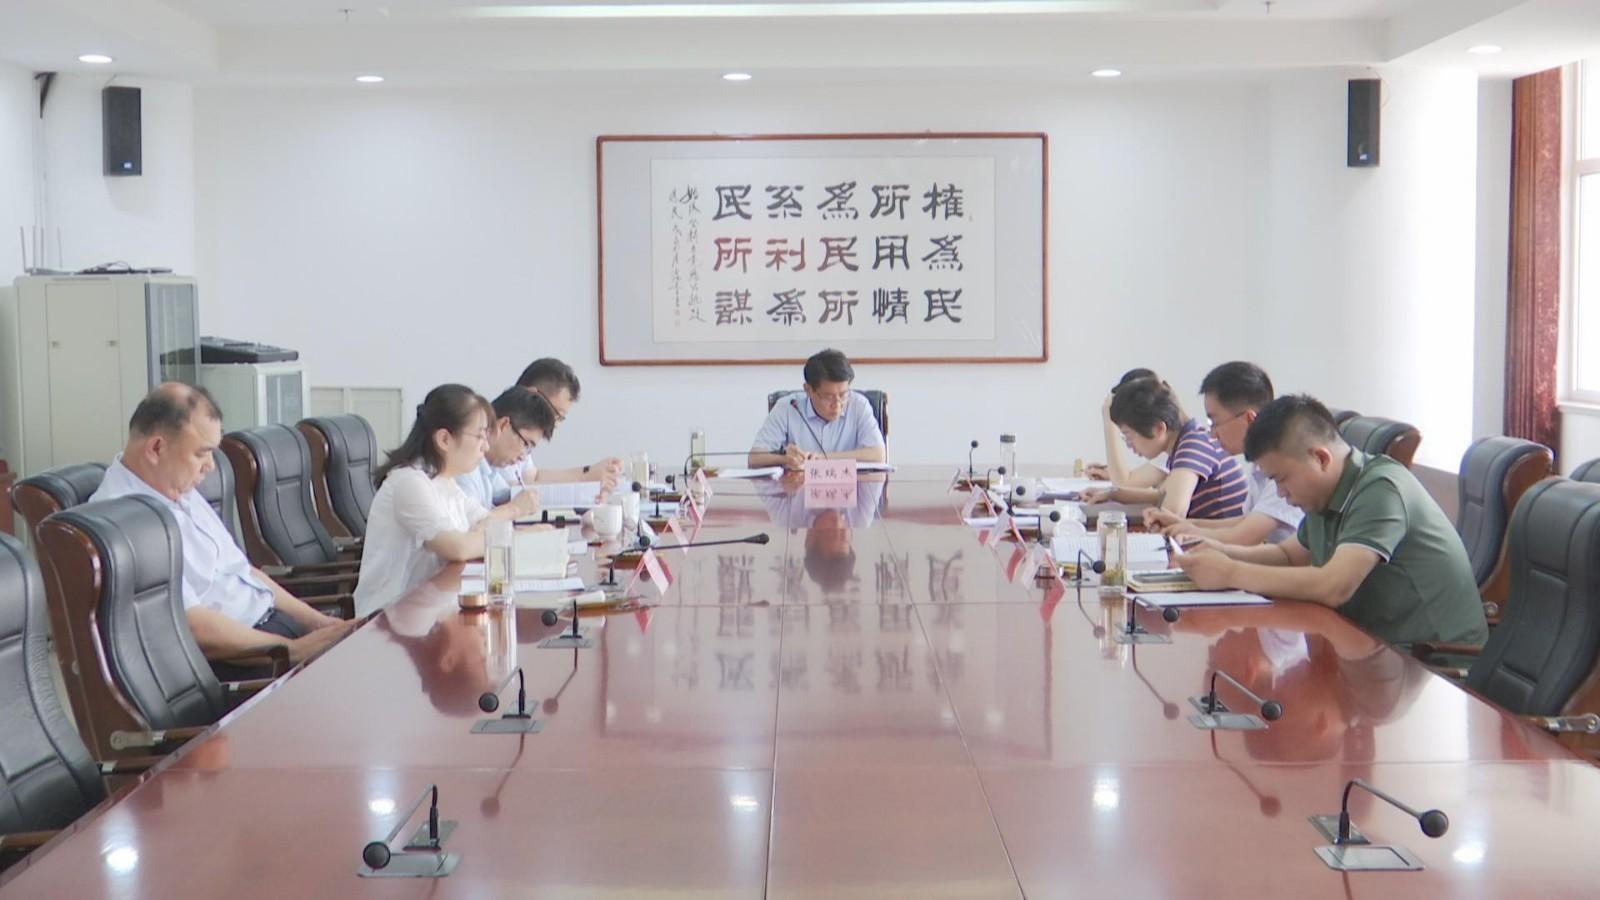 区委落实党风廉政建设责任制领导小组会议召开